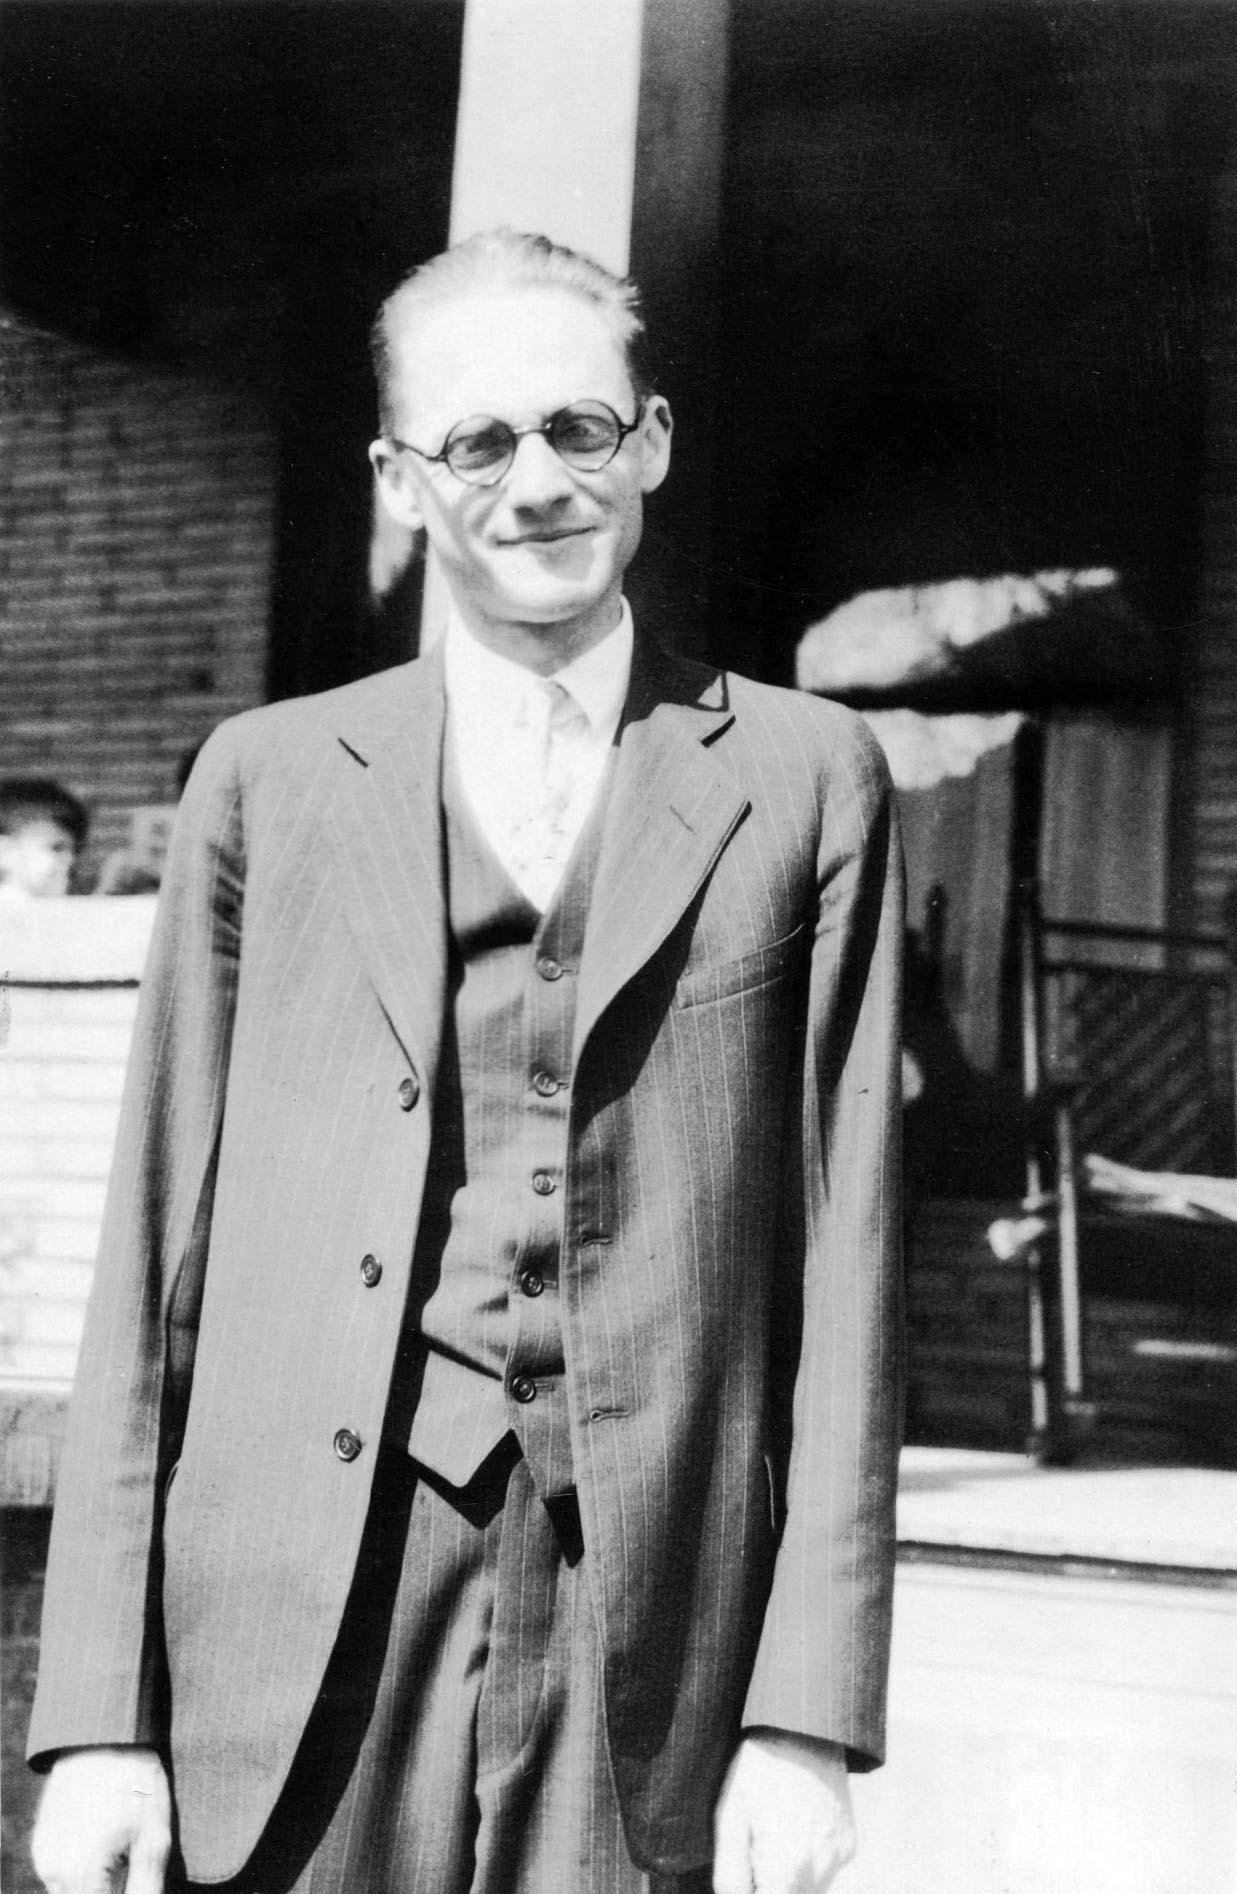 Russell B. Nesbitt 1914 - Faculty Advisor